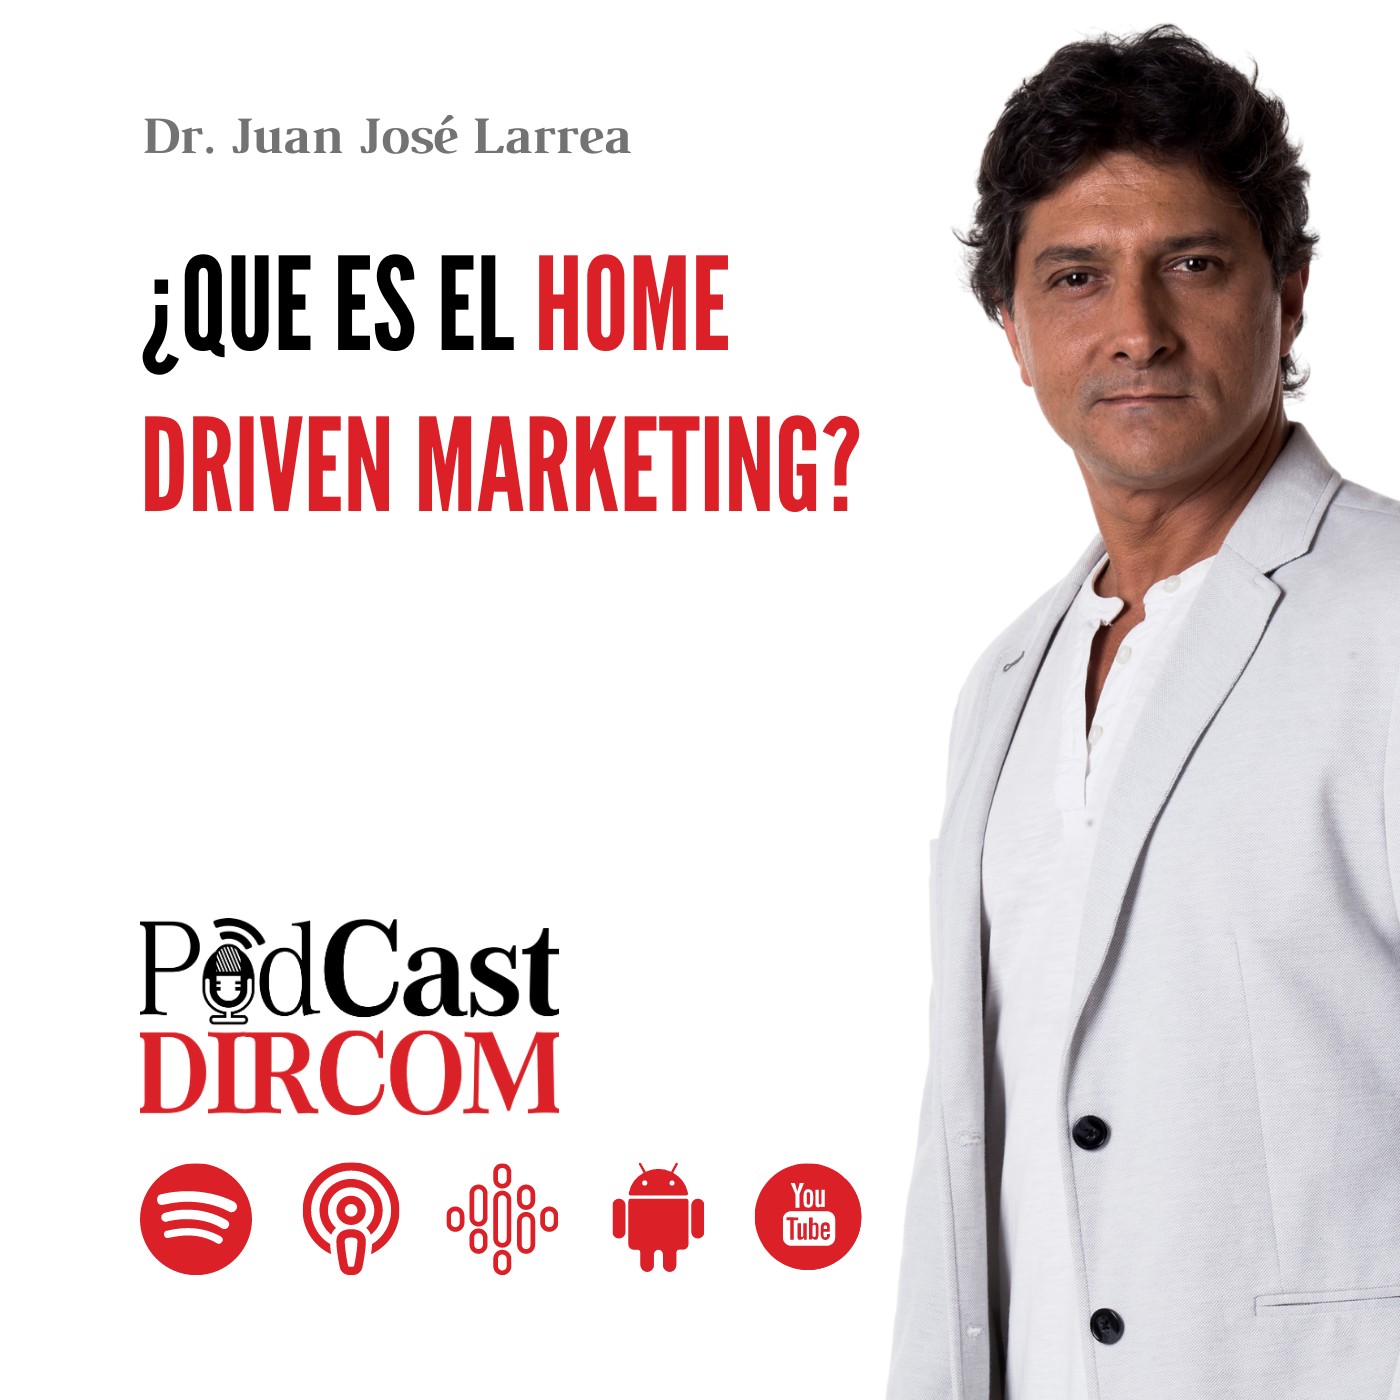 ¿Que Es El Home Driven Marketing?